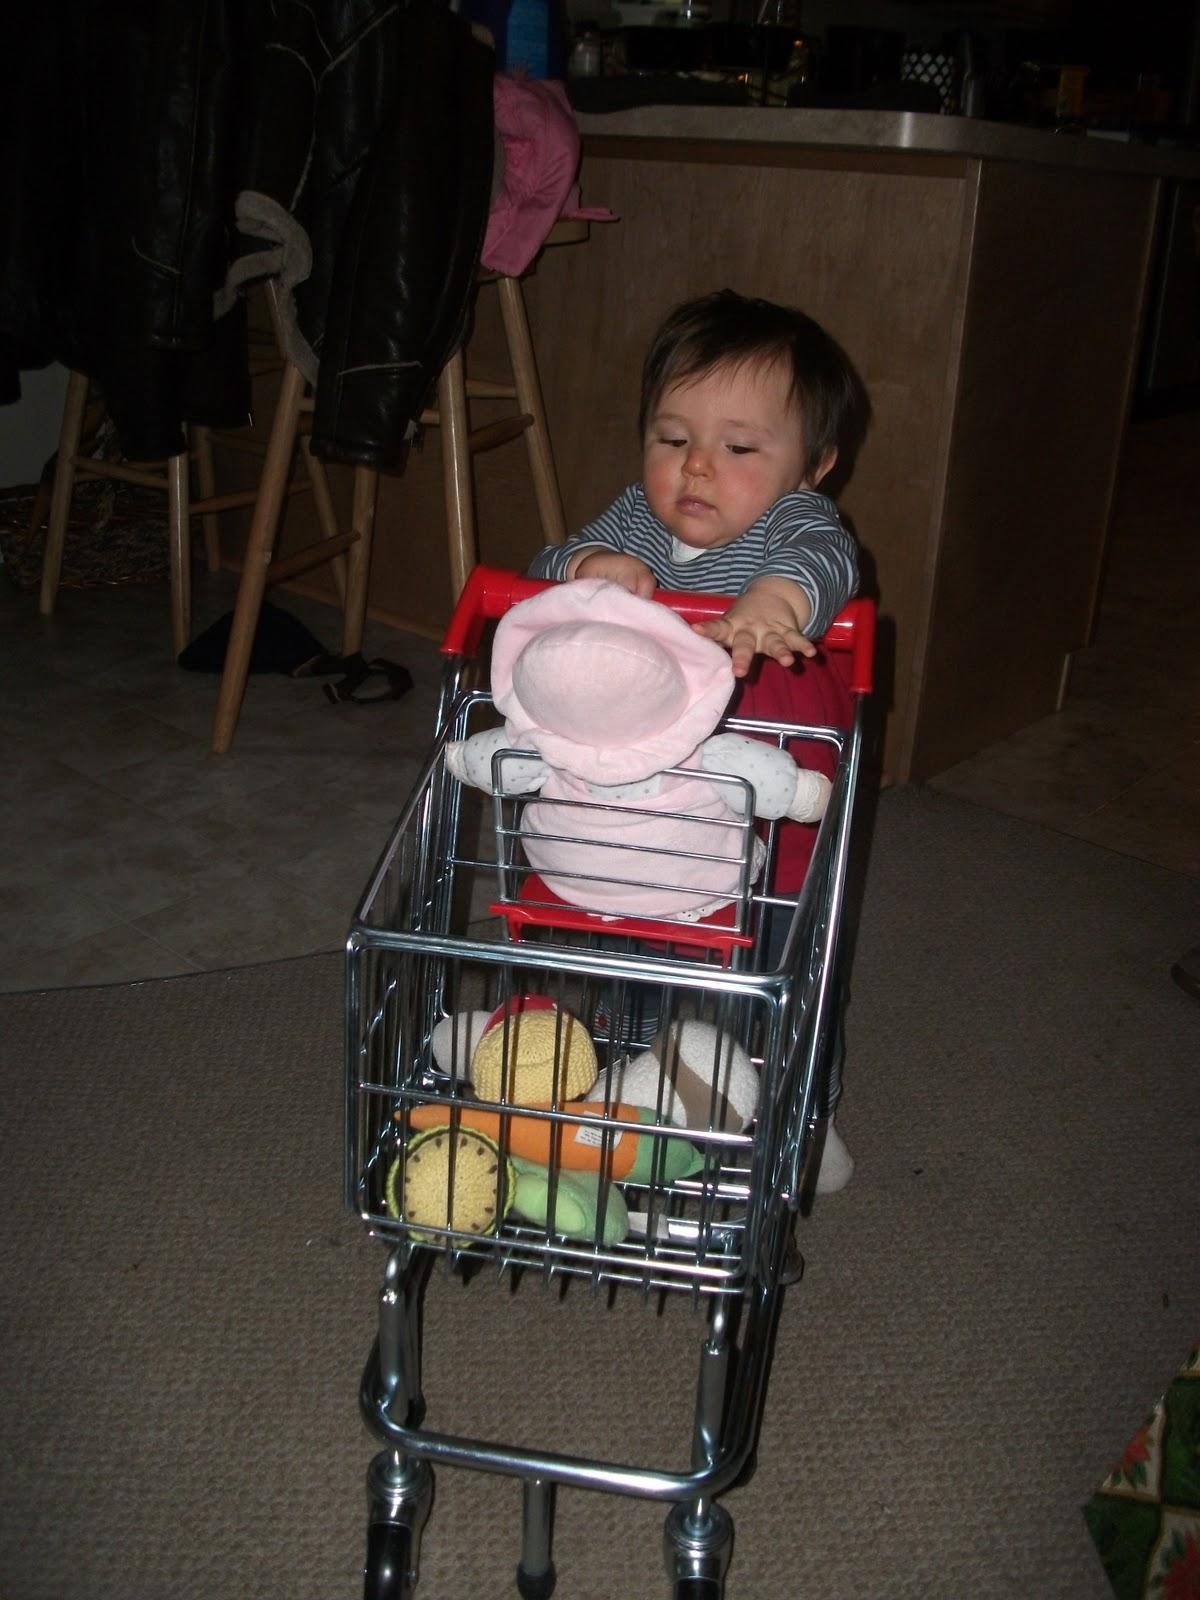 Melissa & Doug Shopping Cart Giveaway at NewAgeMama